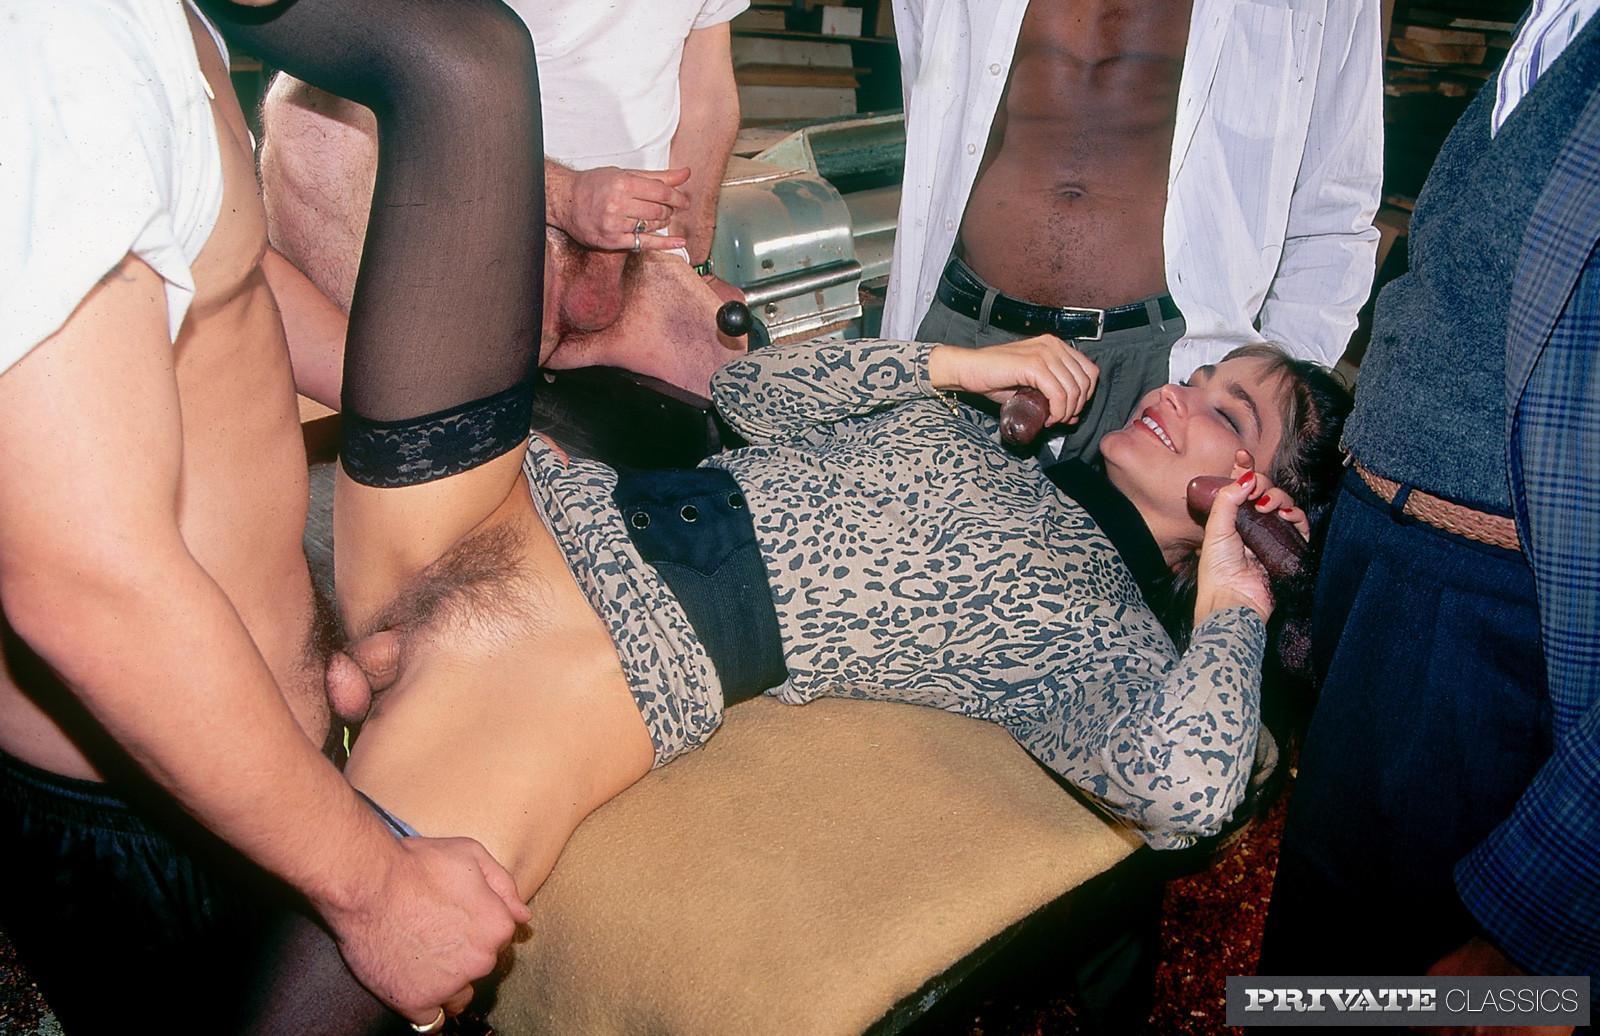 Best Rape Porn Images